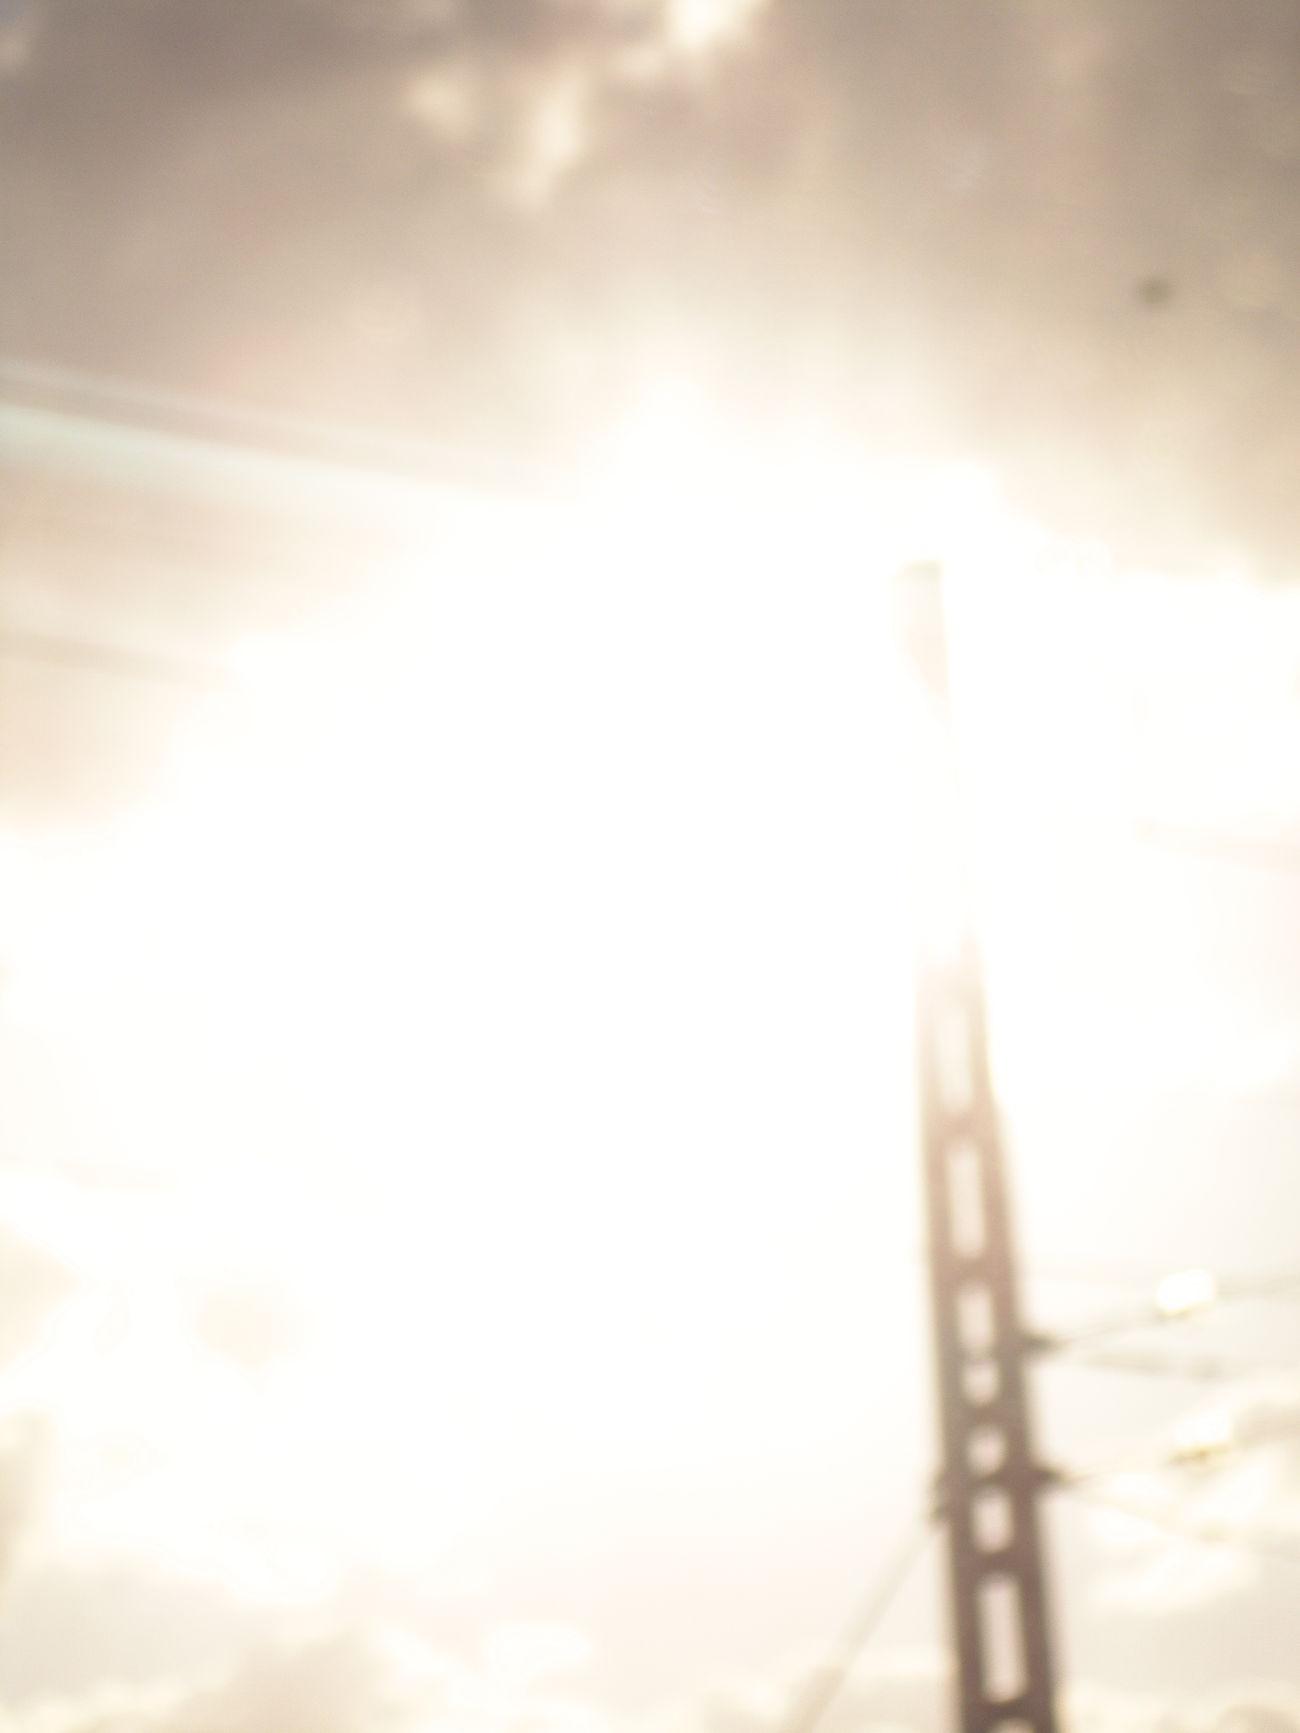 -Me gusta la gente como tú, tan pasional. -No soy una pasional al uso... No entiendo la pasión como una ilusión momentánea o un delirio... mi pasión es de largo recorrido. 🎧 Suena🎶Páginas tuyas. FabiánMicrohistorias Viajar Travel Train Tren Vistas View Ventana Ventanilla Window Tesis99 White Blanco Luz Light Luces Lights Antenas Sun Sol Microhistoriastesis99 Trayecto Route Blurred Transport DCP